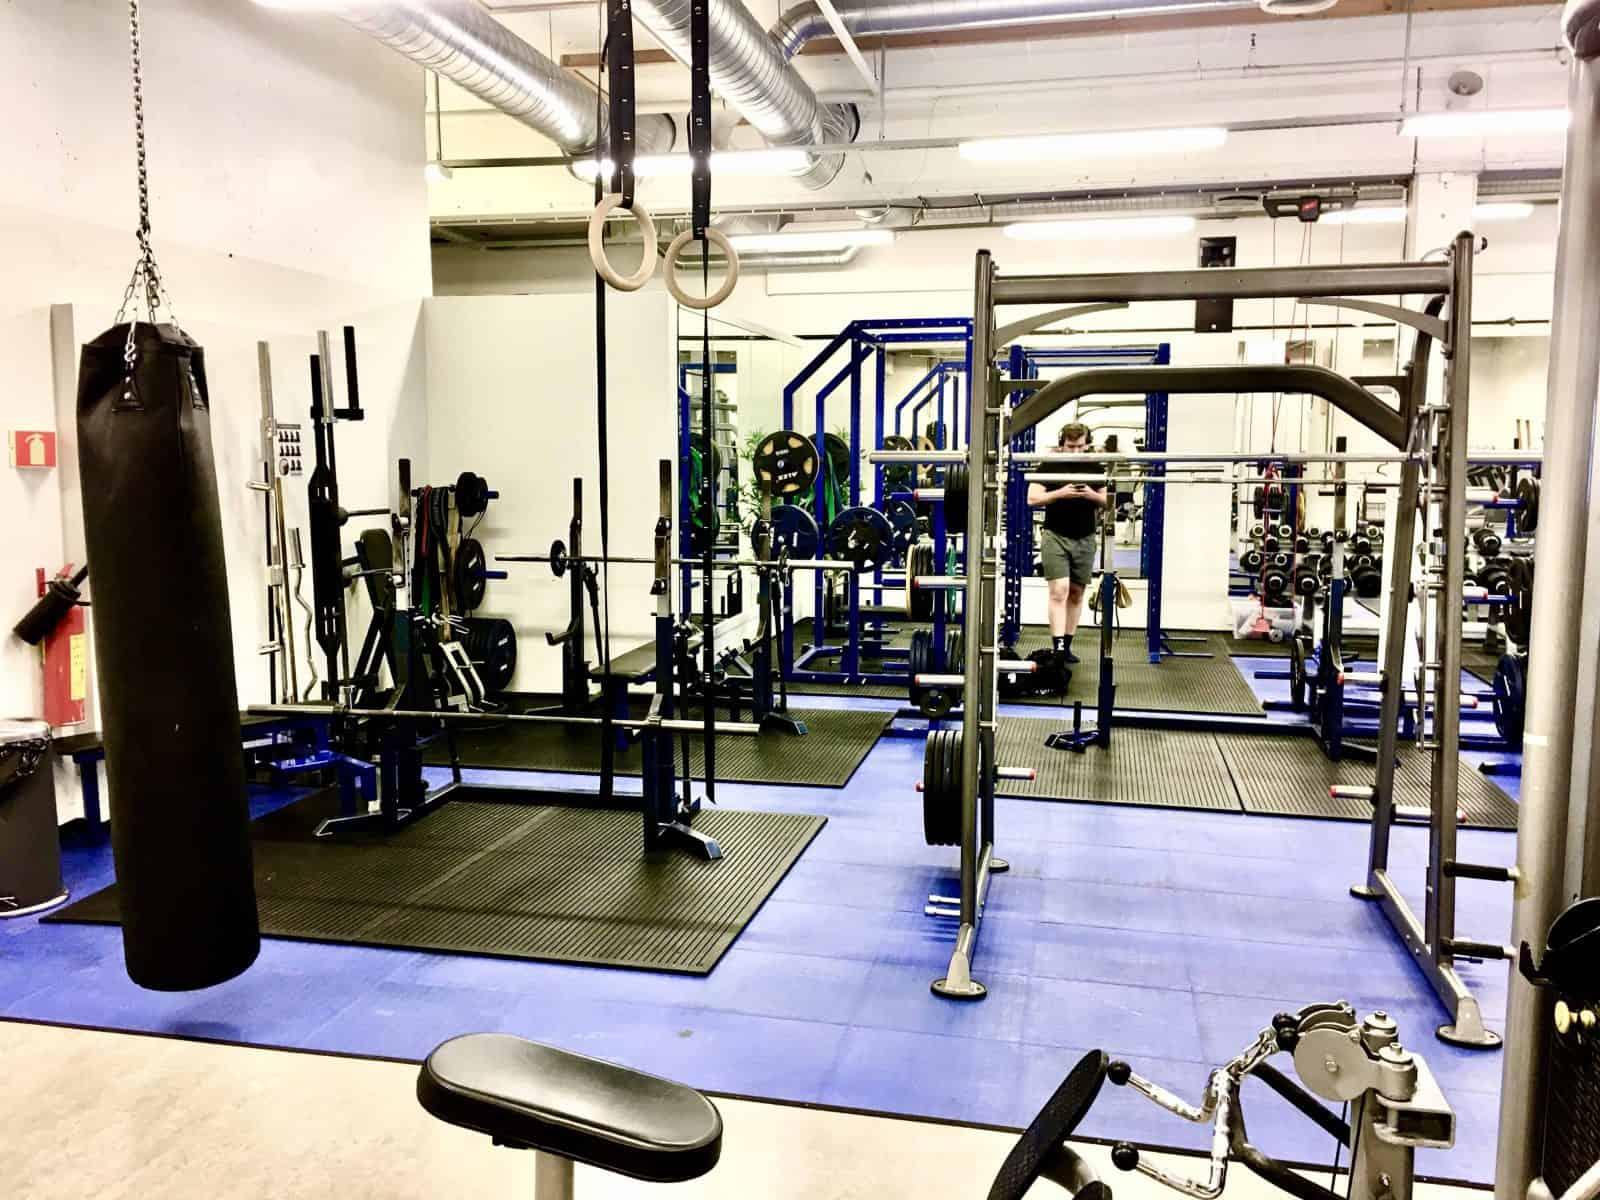 Smithmaskin, boksesekk, turnringer, spesialstenger og spesialutstyr. Vi har alt du kan tenke deg mtp. styrketrening.